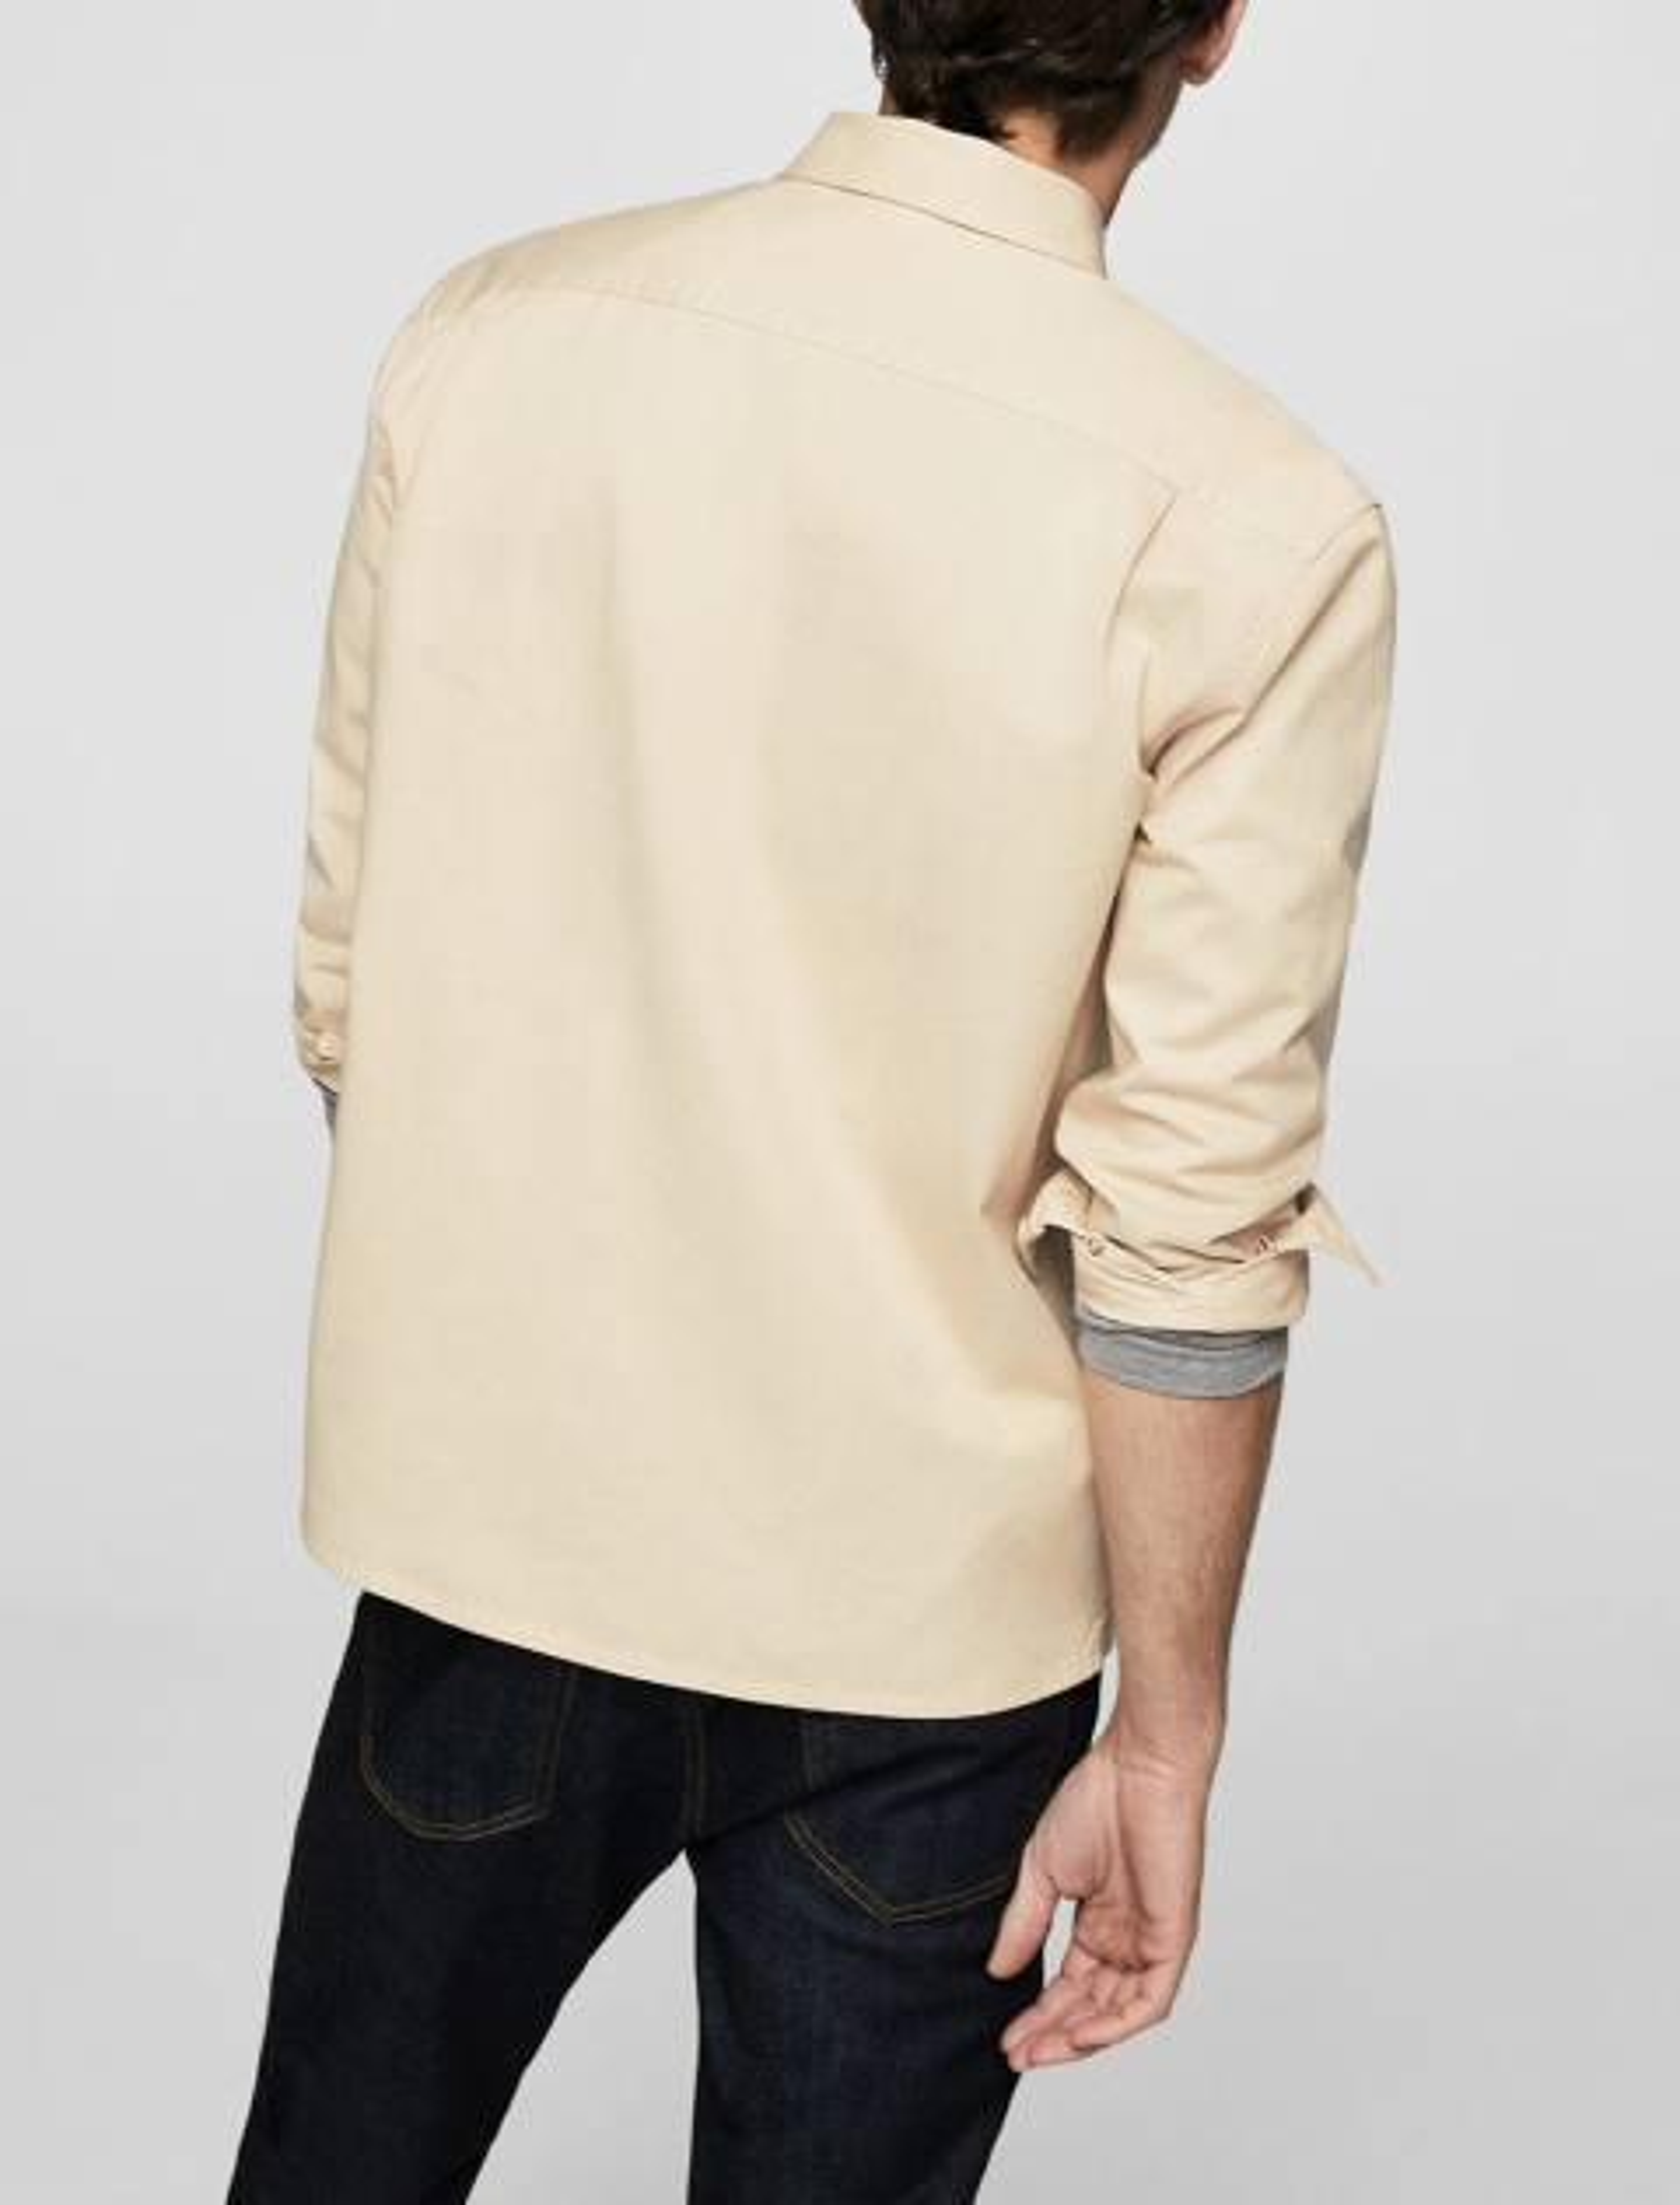 پیراهن نخی آستین بلند مردانه - بژ - 6